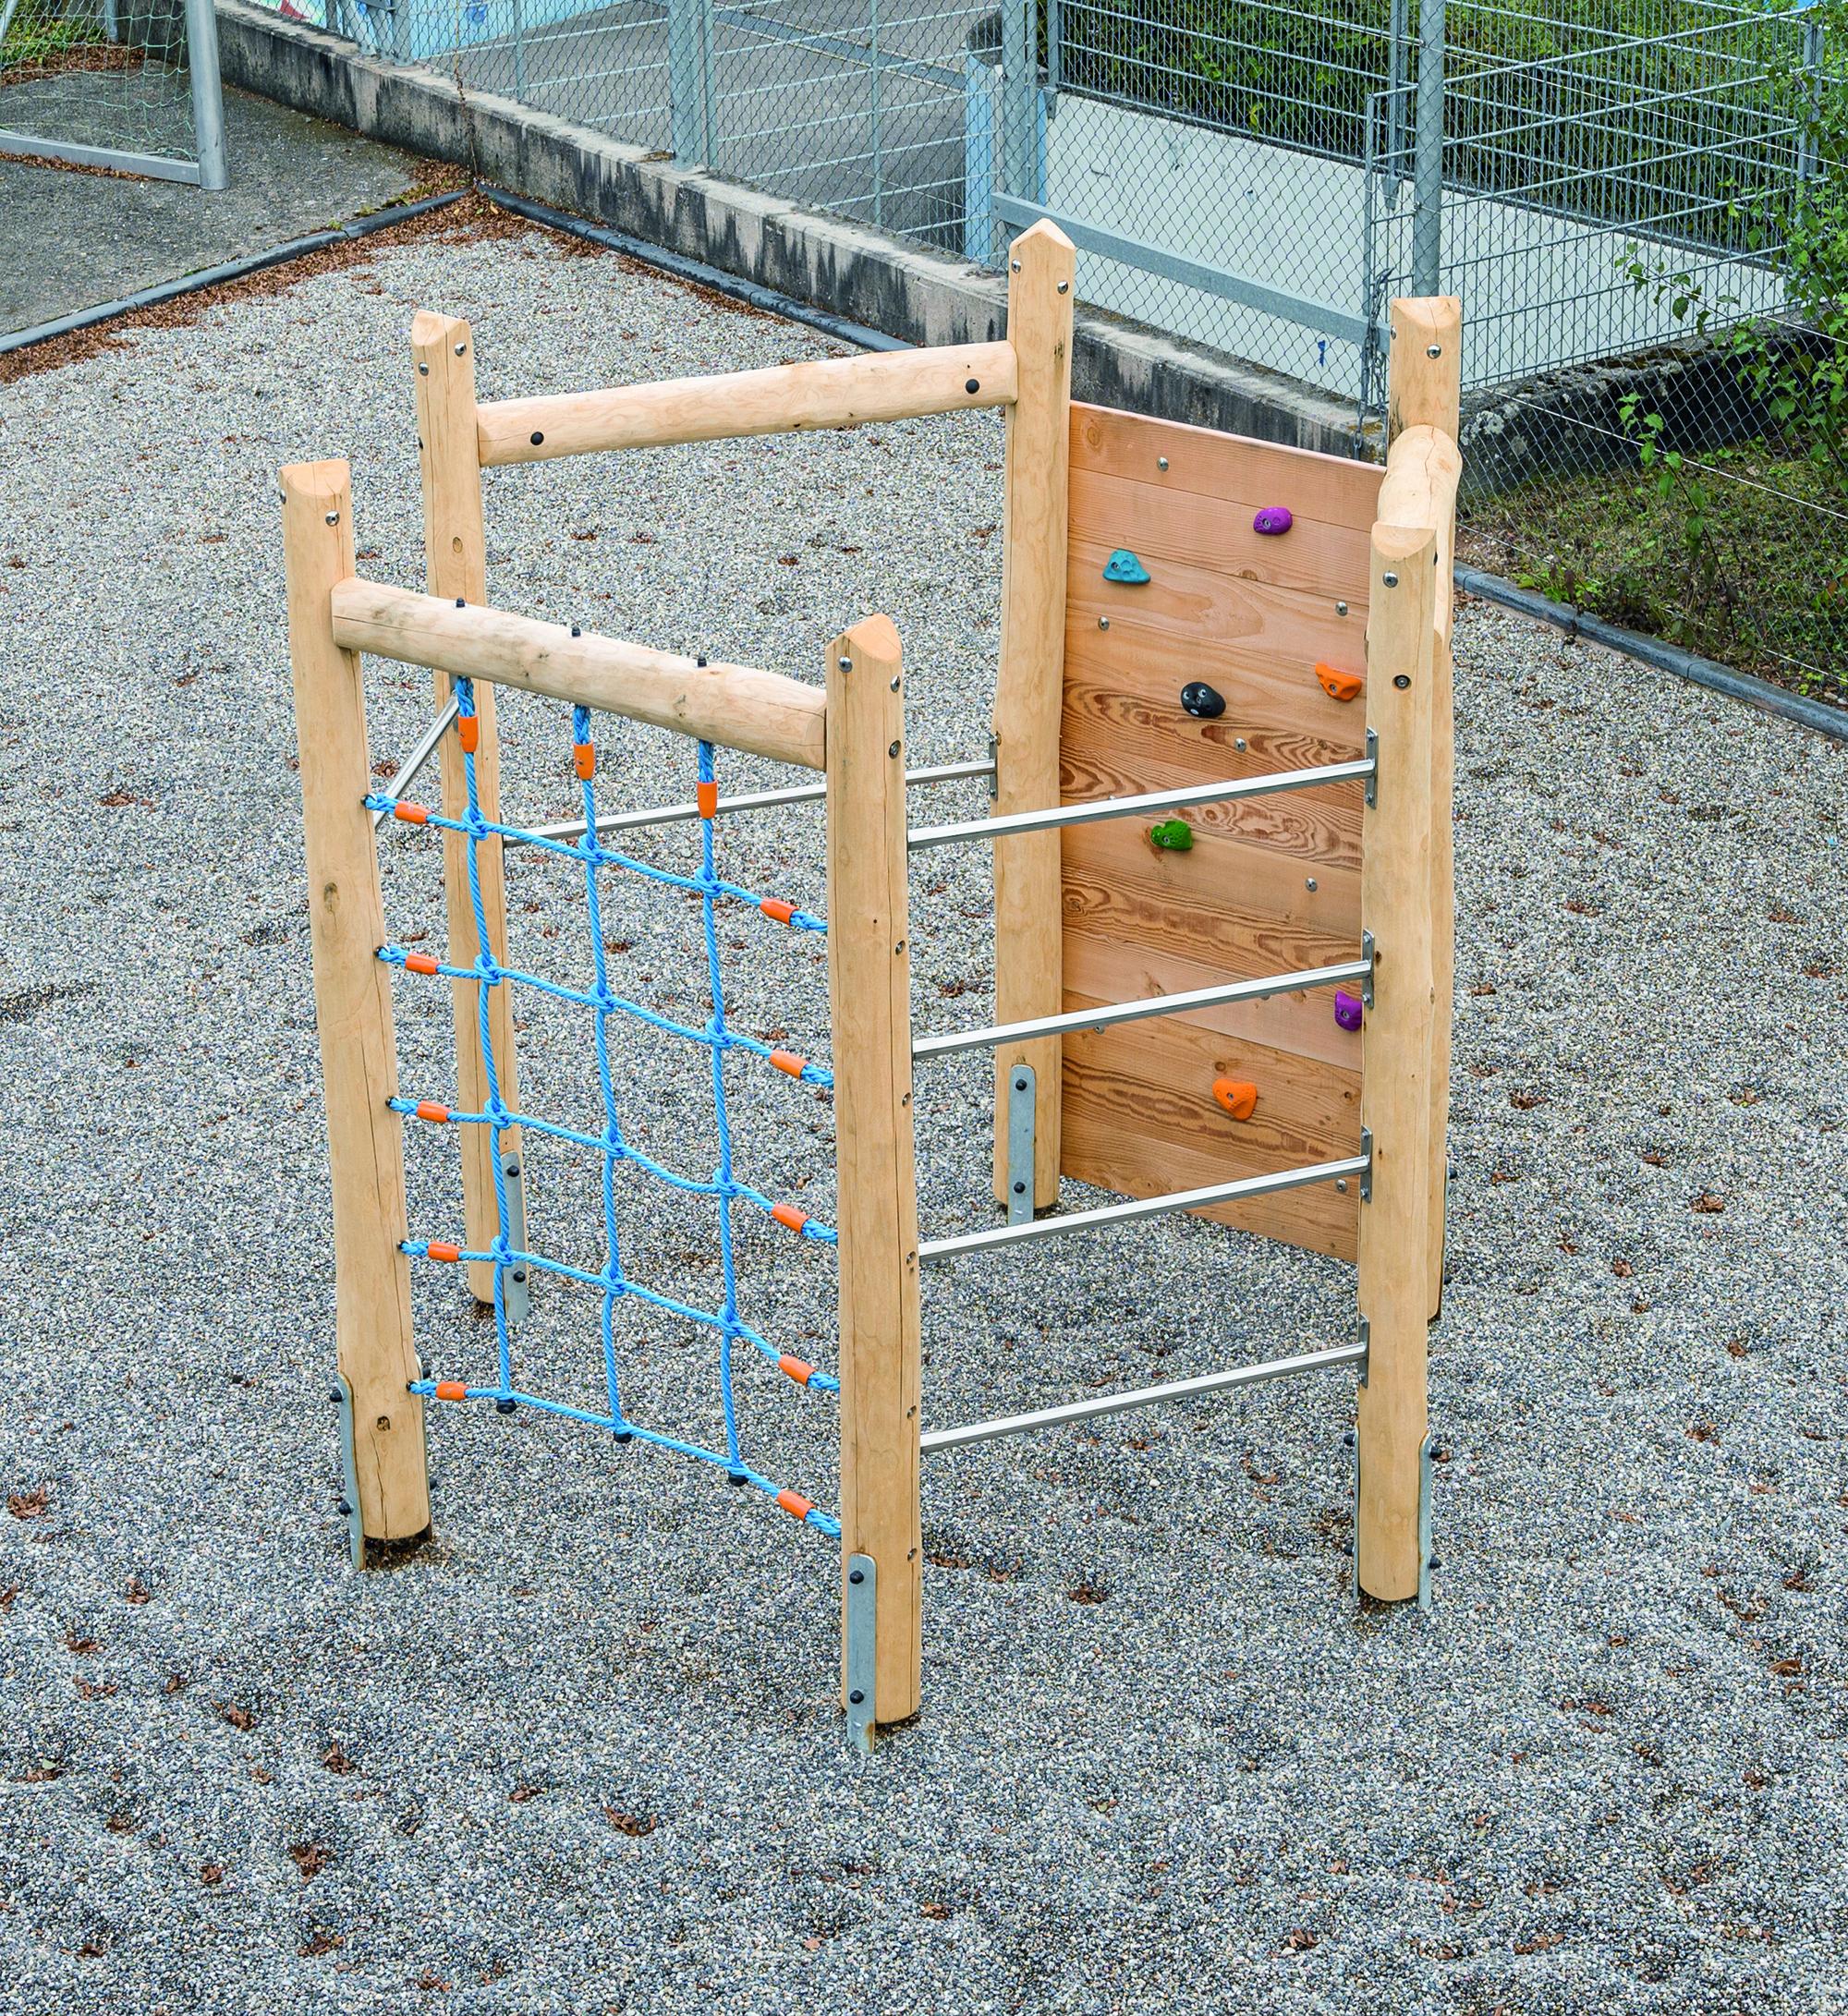 Klettergerüst Holz Kinderzimmer : Kombi klettergerät klettergerüst fuchs thun